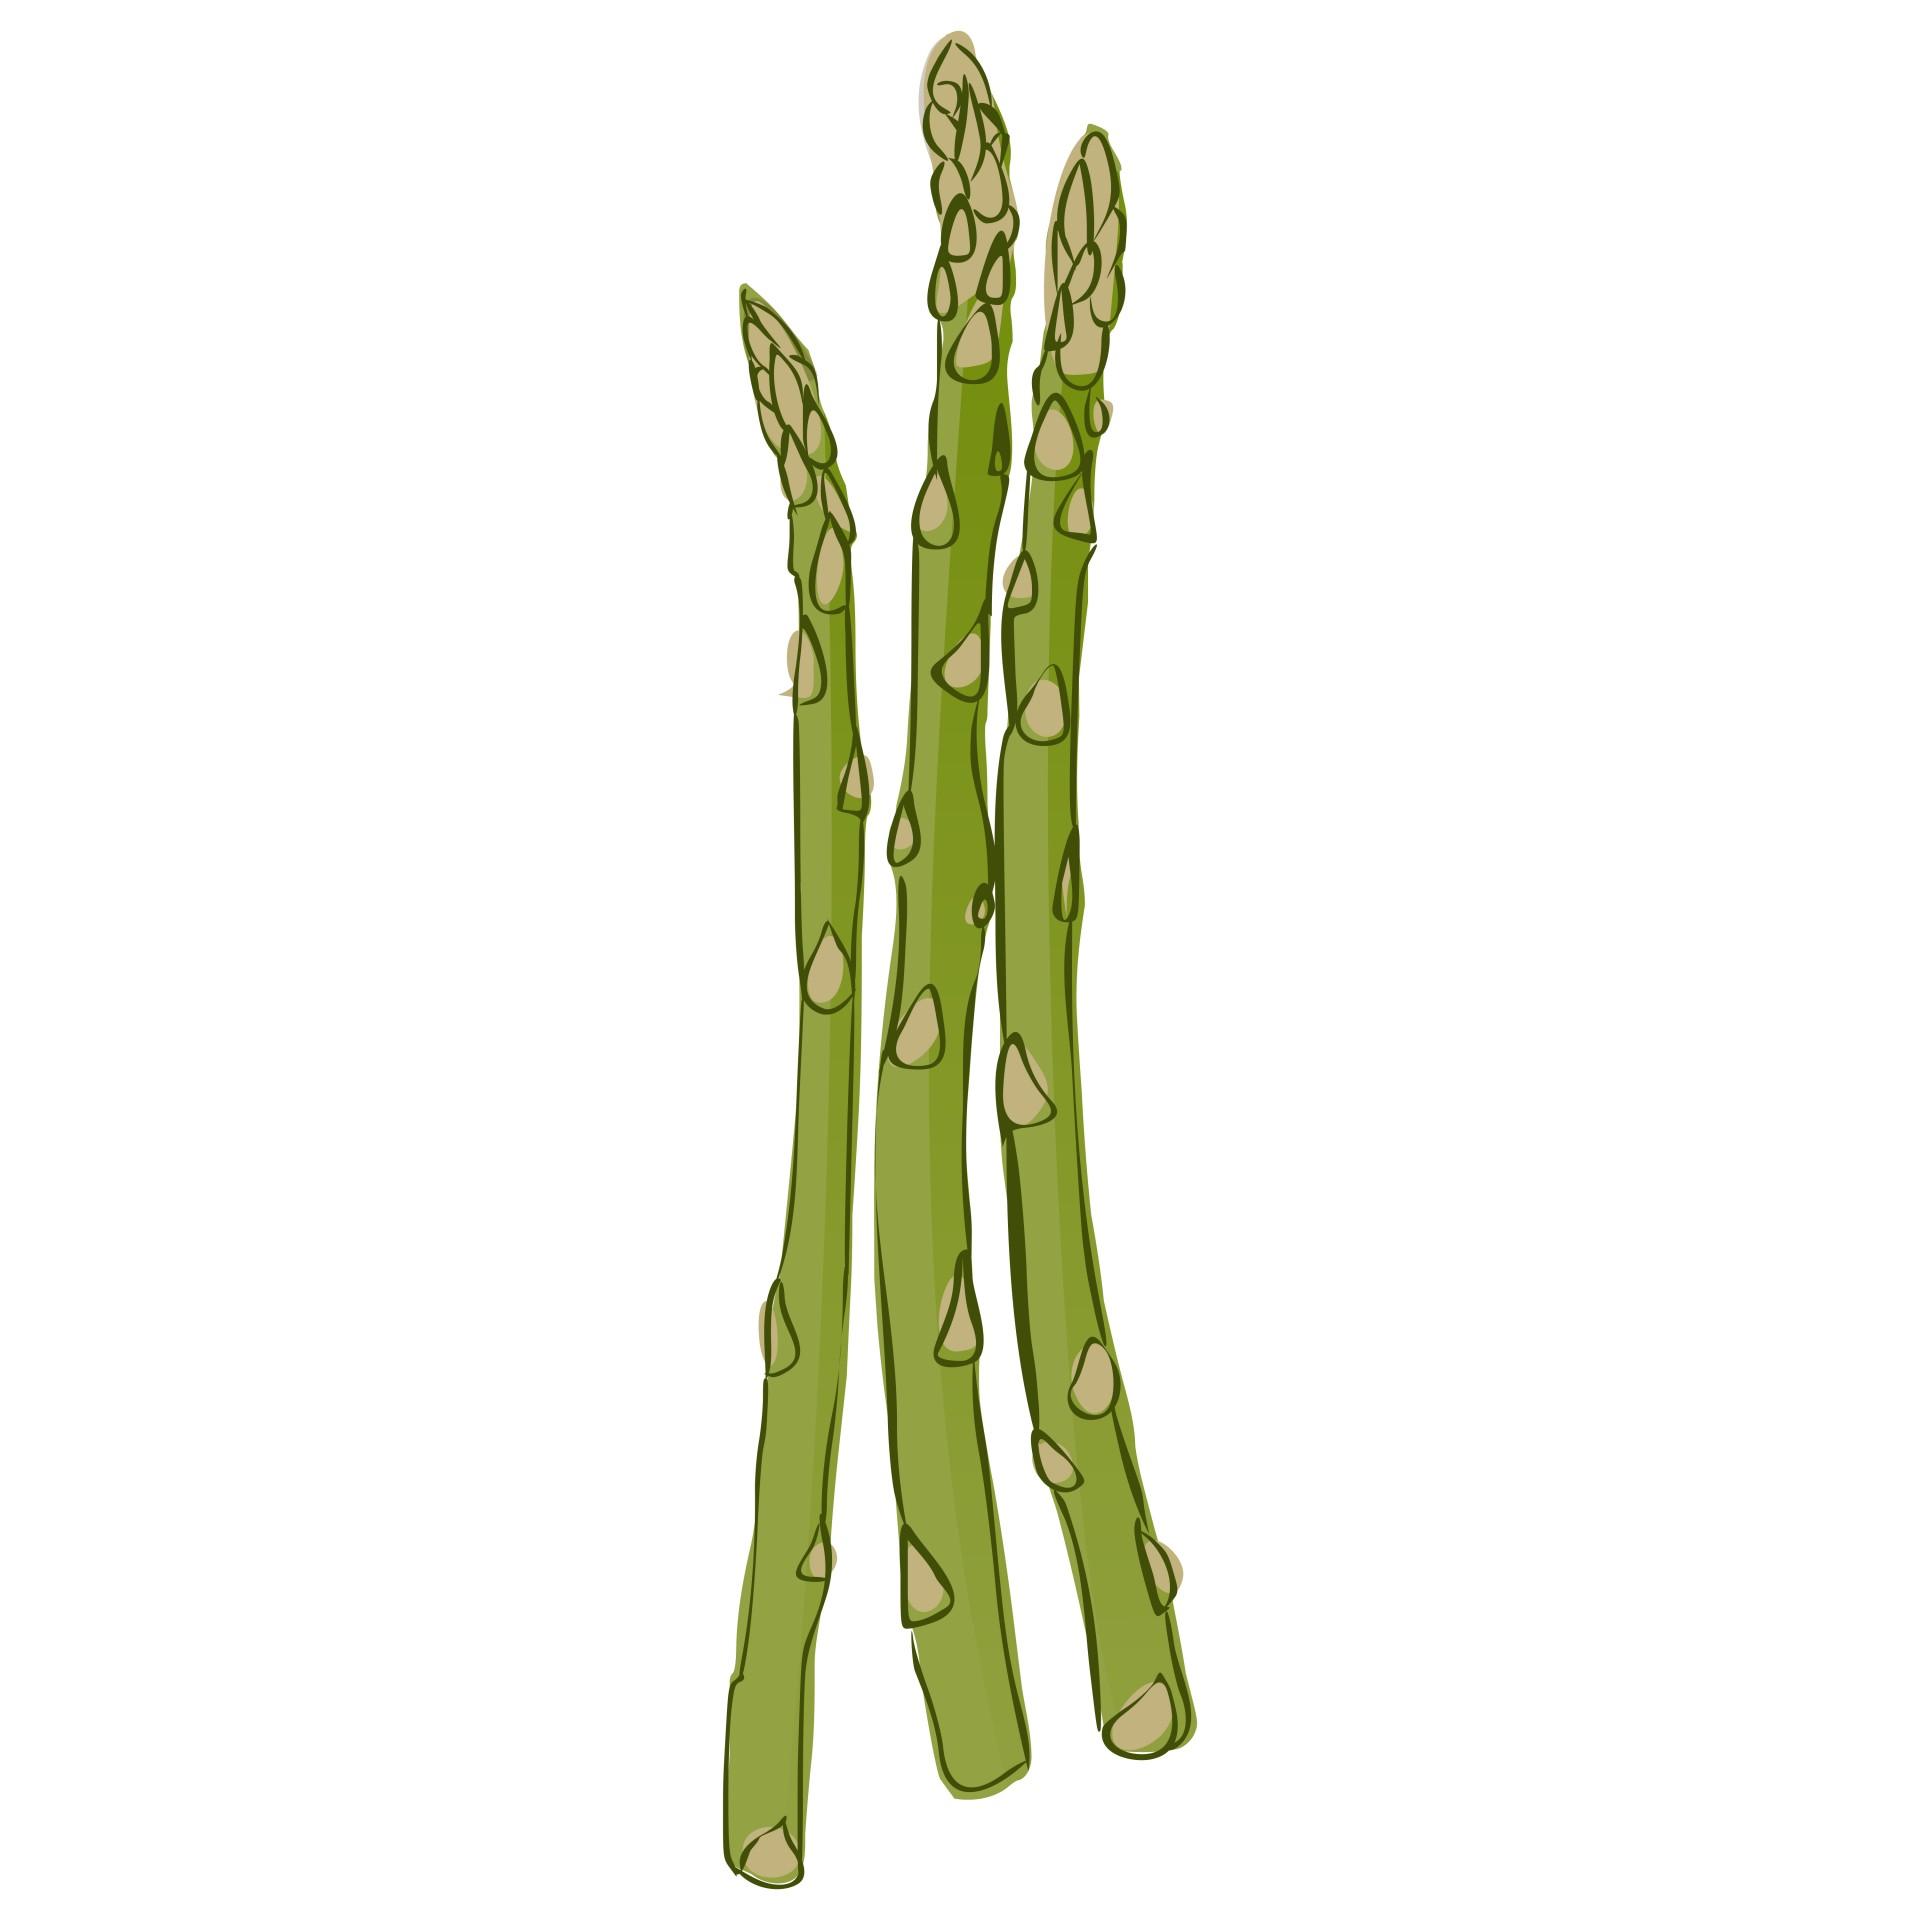 1920x1920 Asparagus Free Stock Photo